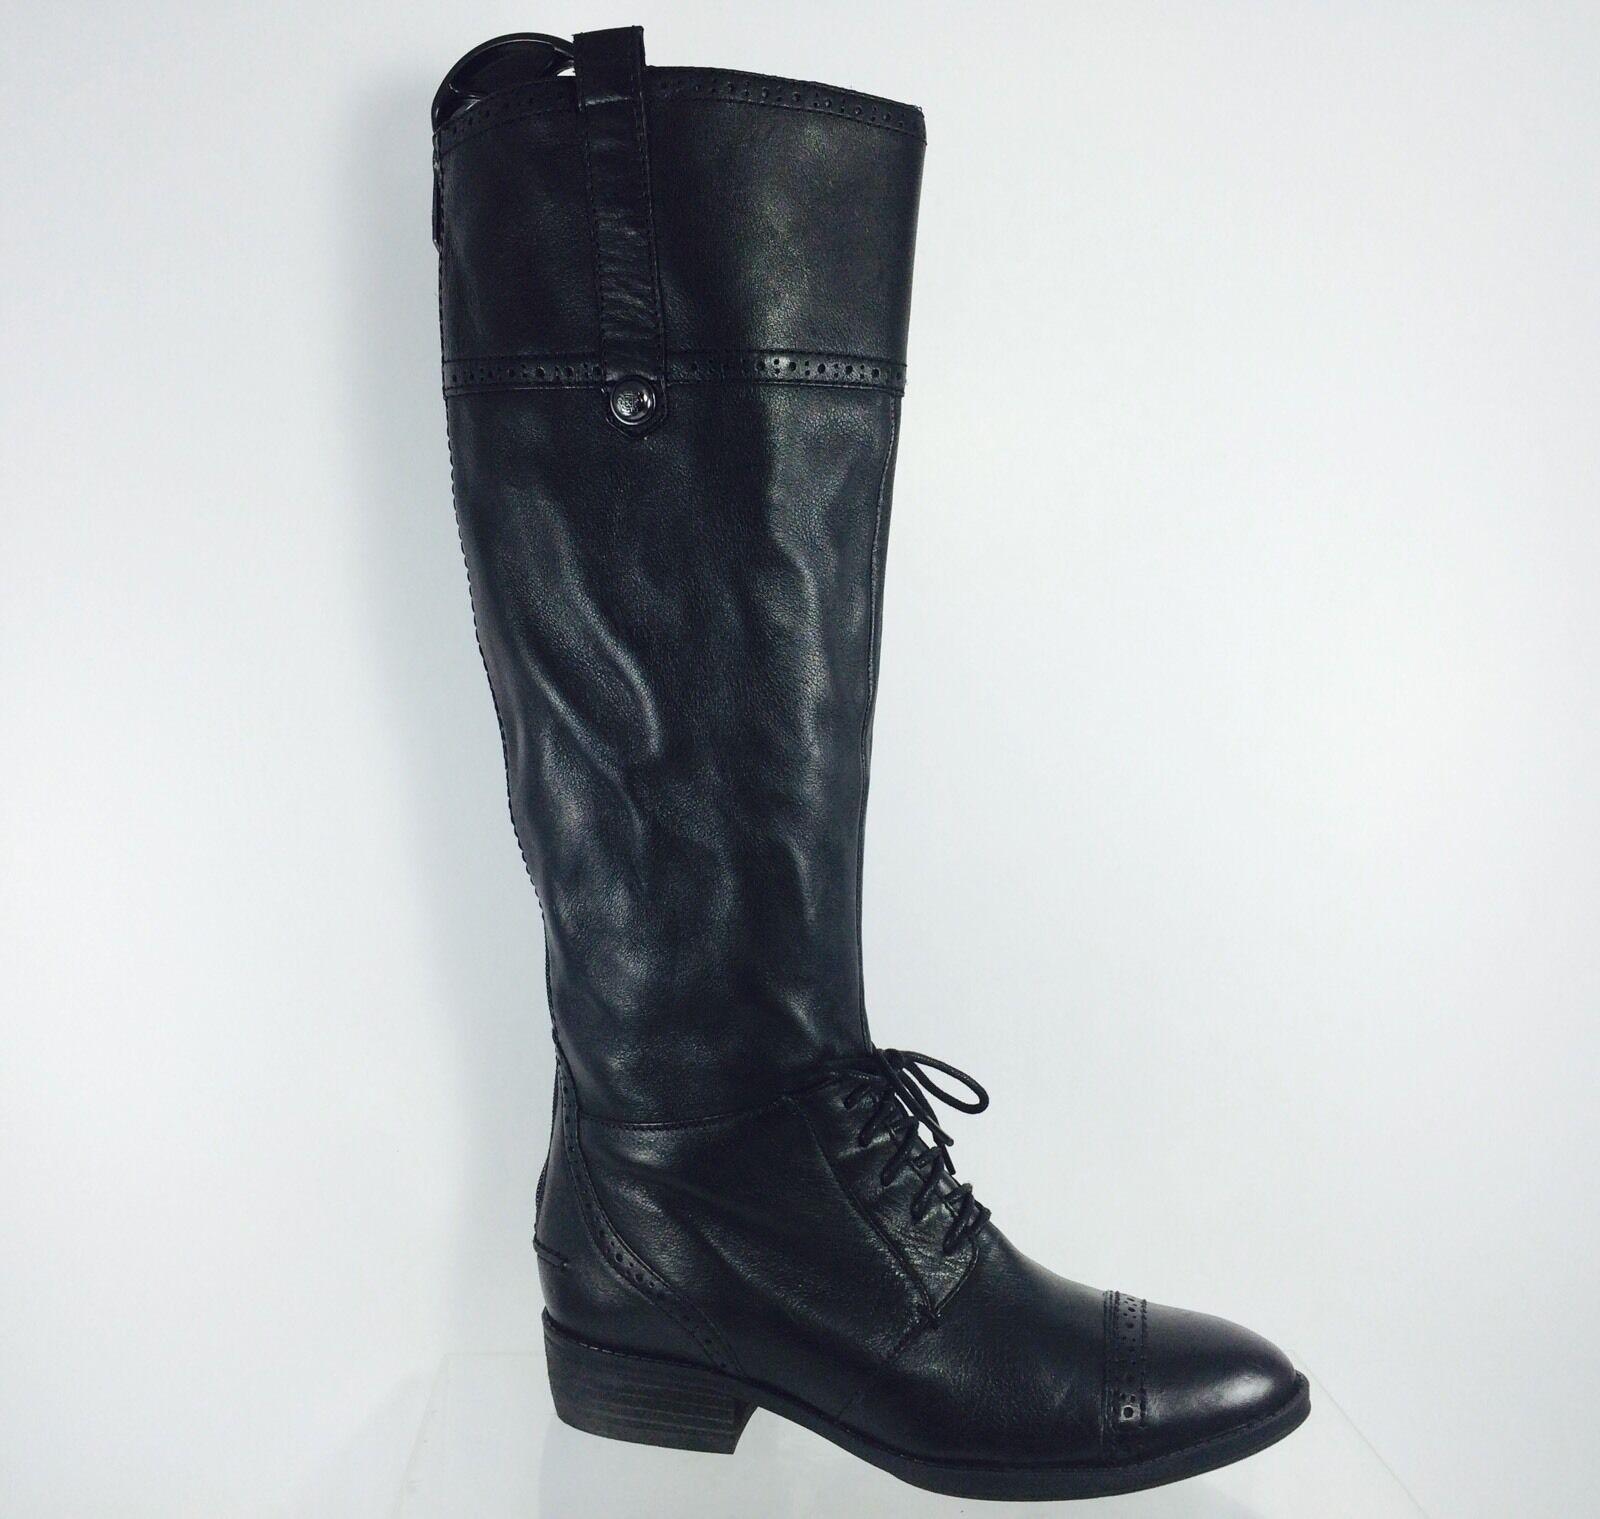 Sam Sam Sam Edelman Mujeres Cuero Negro botas de Moda de la rodilla 7 M  almacén al por mayor